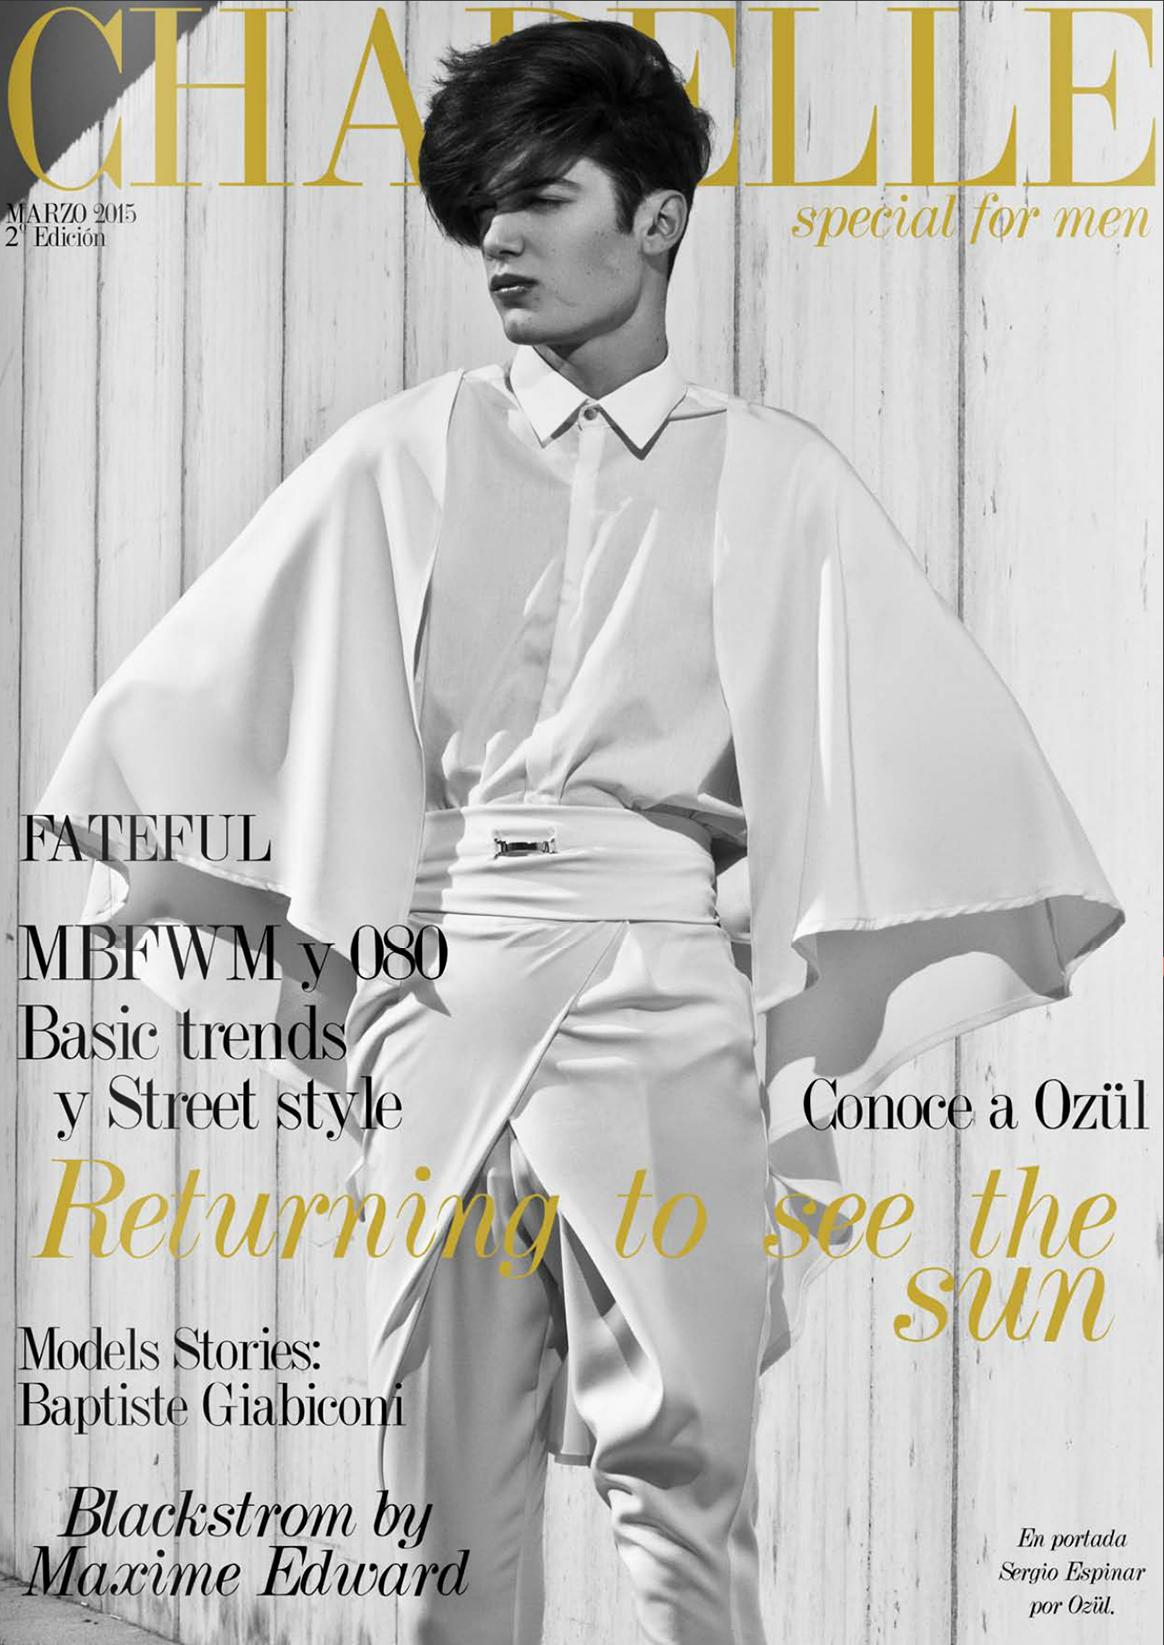 chapelle magazine, valencia spain fashion issue, chapelle for men, moda masculina VLC special men, revista diseño moda españa